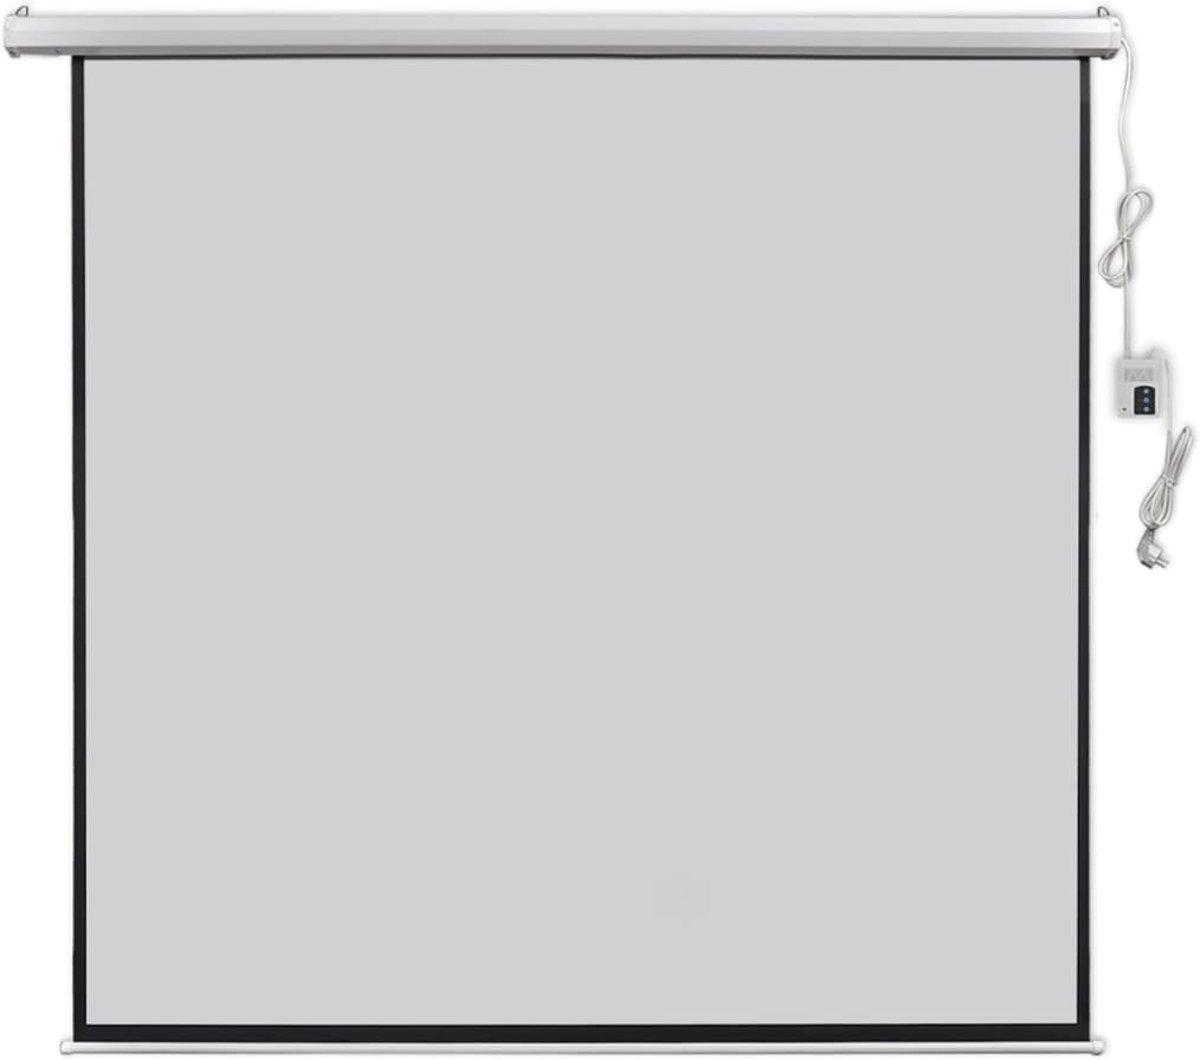 vidaXL Projectiescherm met afstandsbediening elektrisch 200x200 cm 1:1 kopen